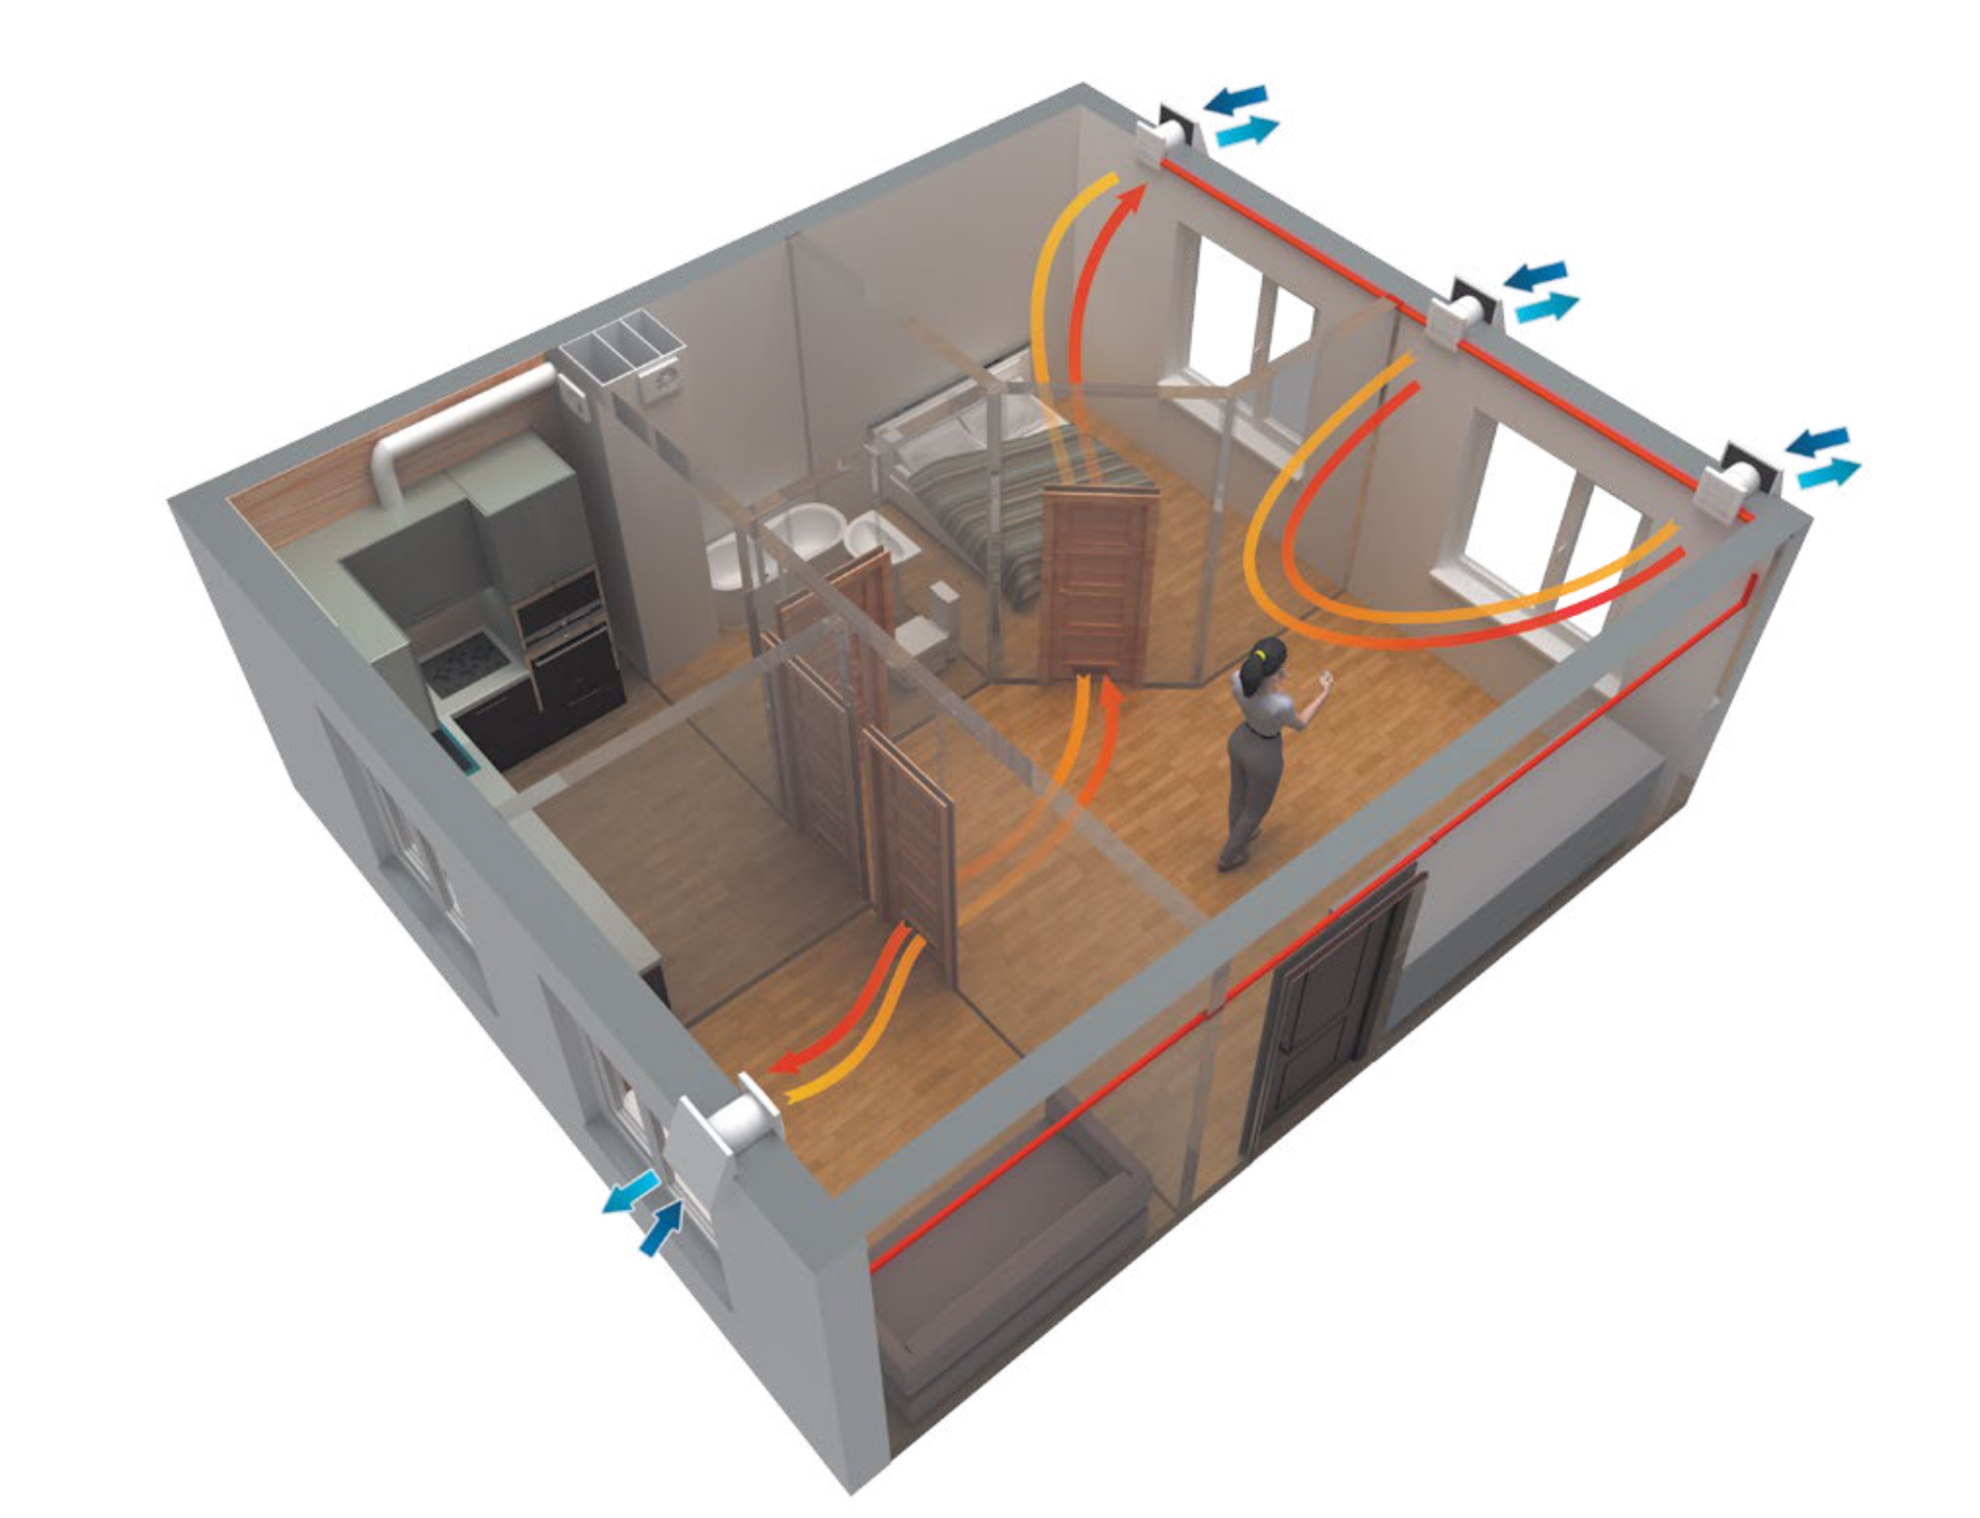 Приточная вентиляция совмещенная с канальным кондиционером (часть 1 — электрическая)